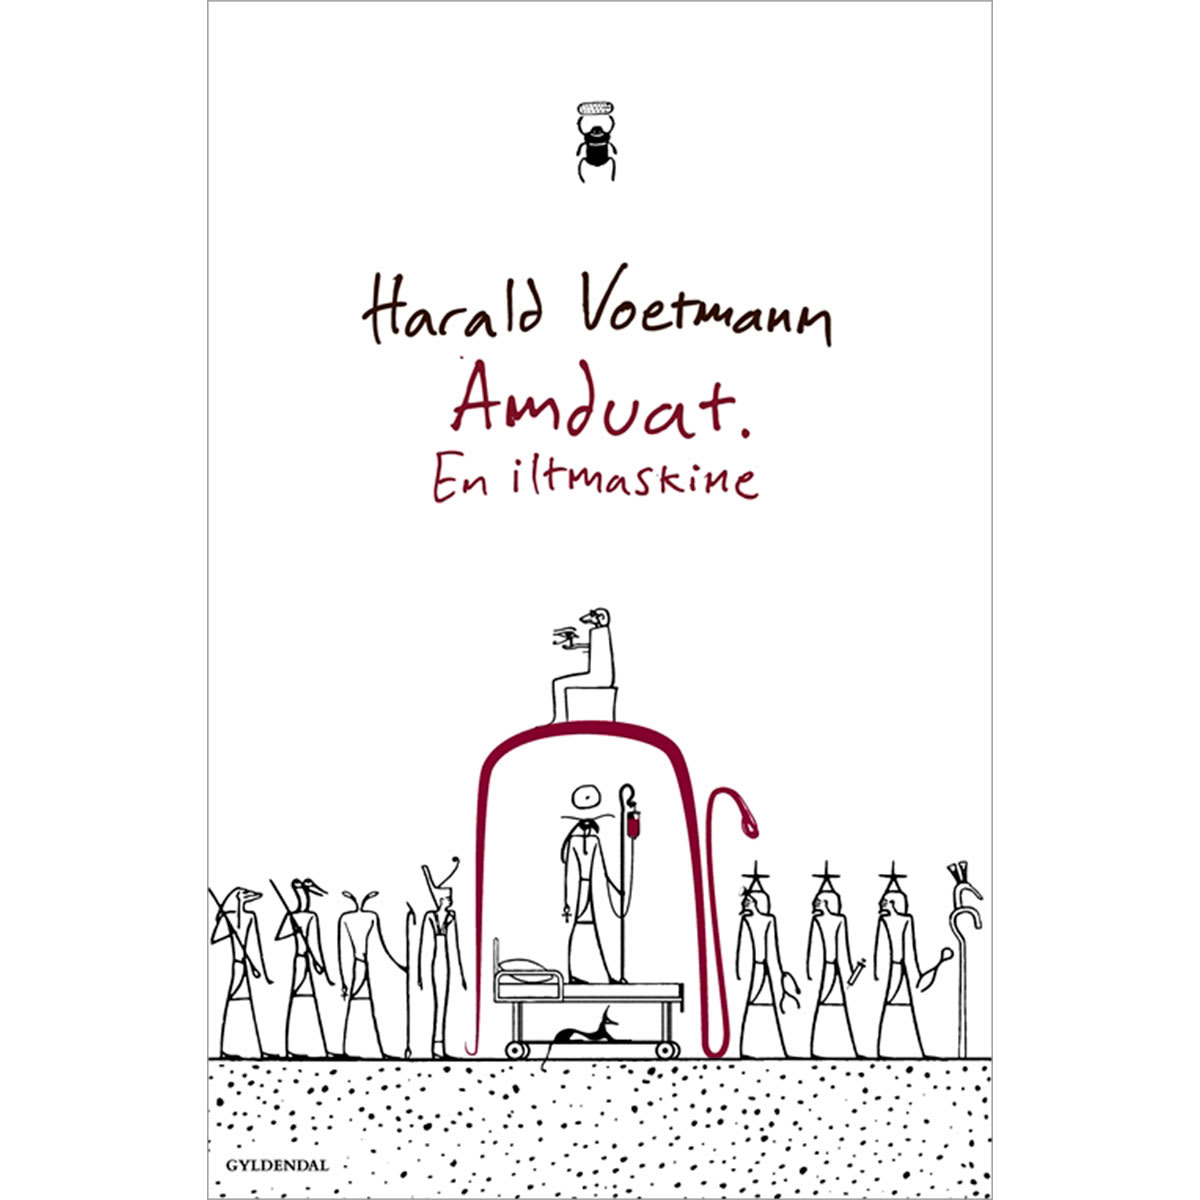 Af Harald Voetmann